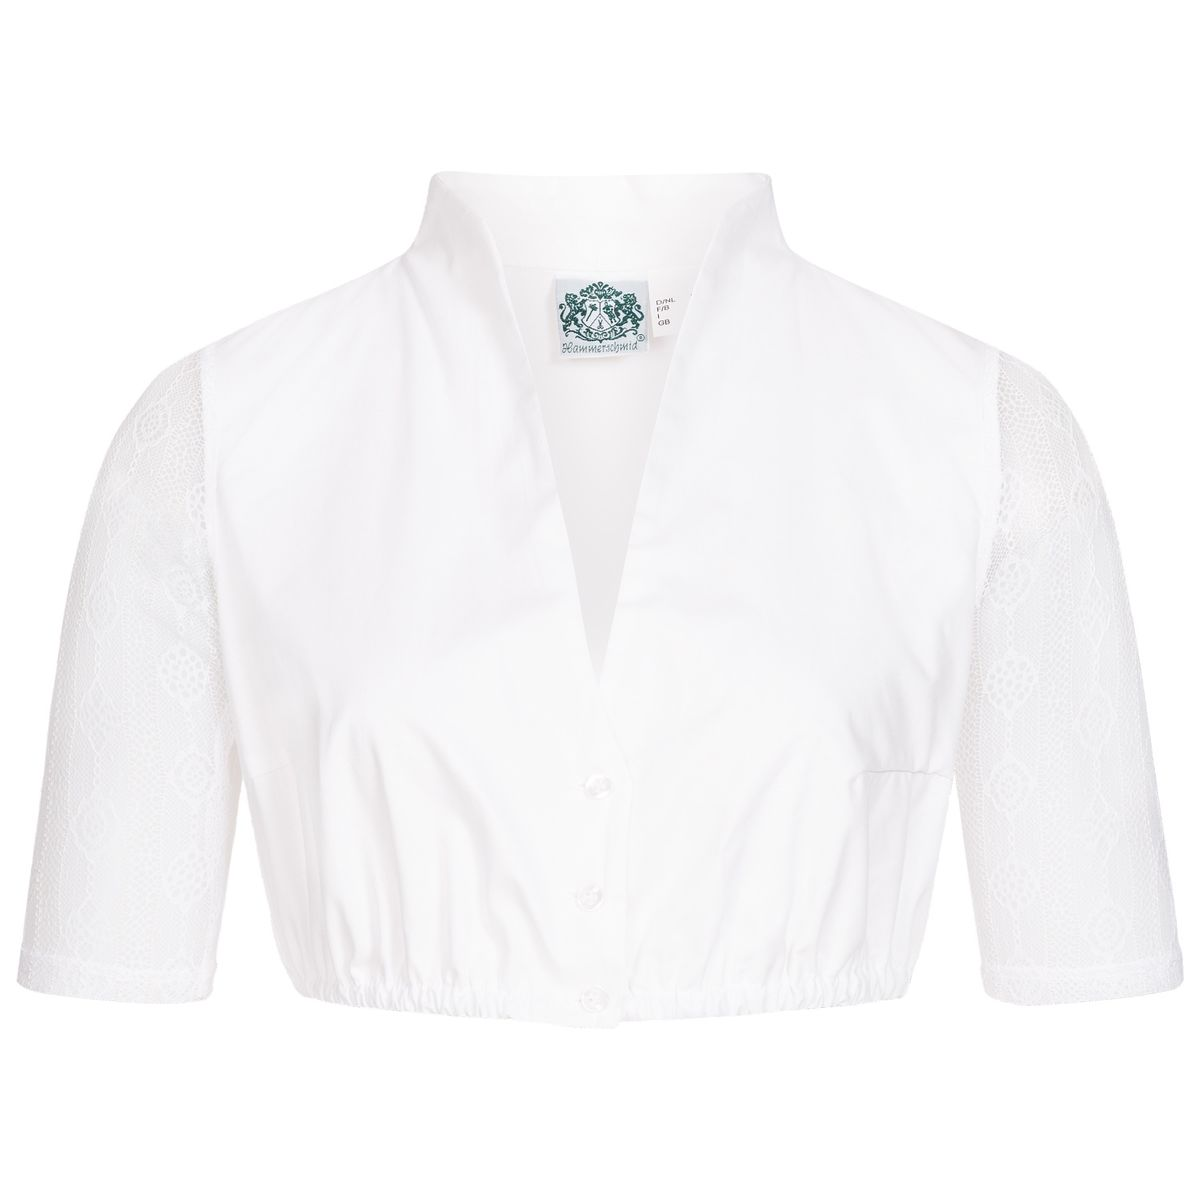 Dirndlbluse Anina in Weiß von Hammerschmid